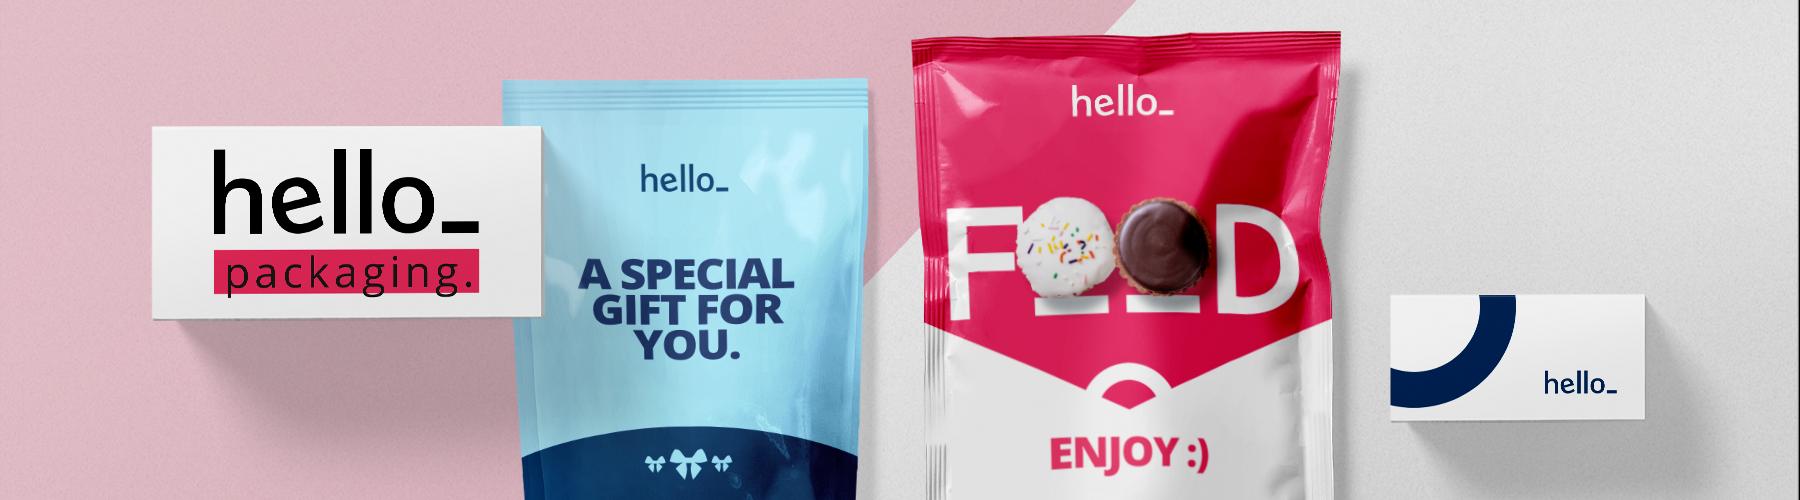 Comment Utiliser l'Emballage de vos Produits pour Renforcer votre Image de Marque